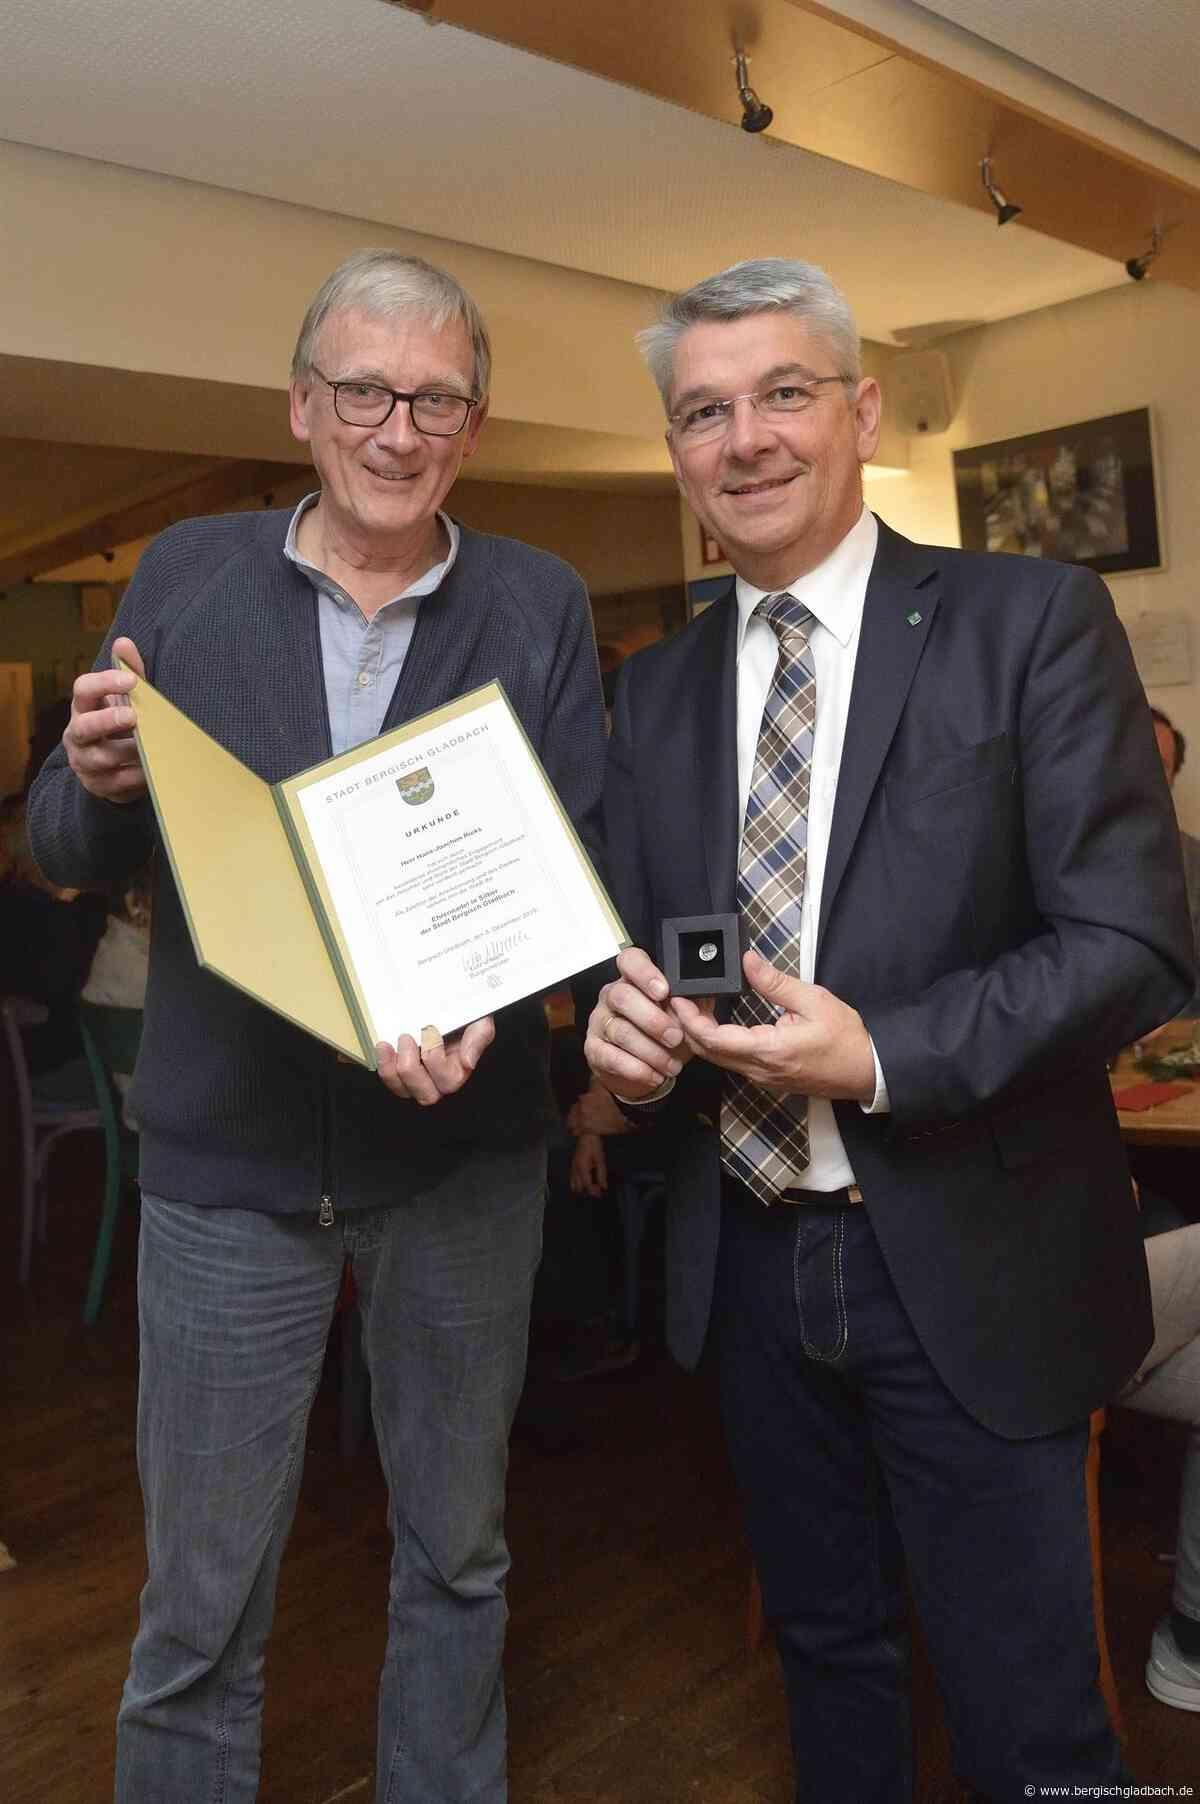 Hans-Joachim Rieks mit Ehrennadel in Silber ausgezeichnet